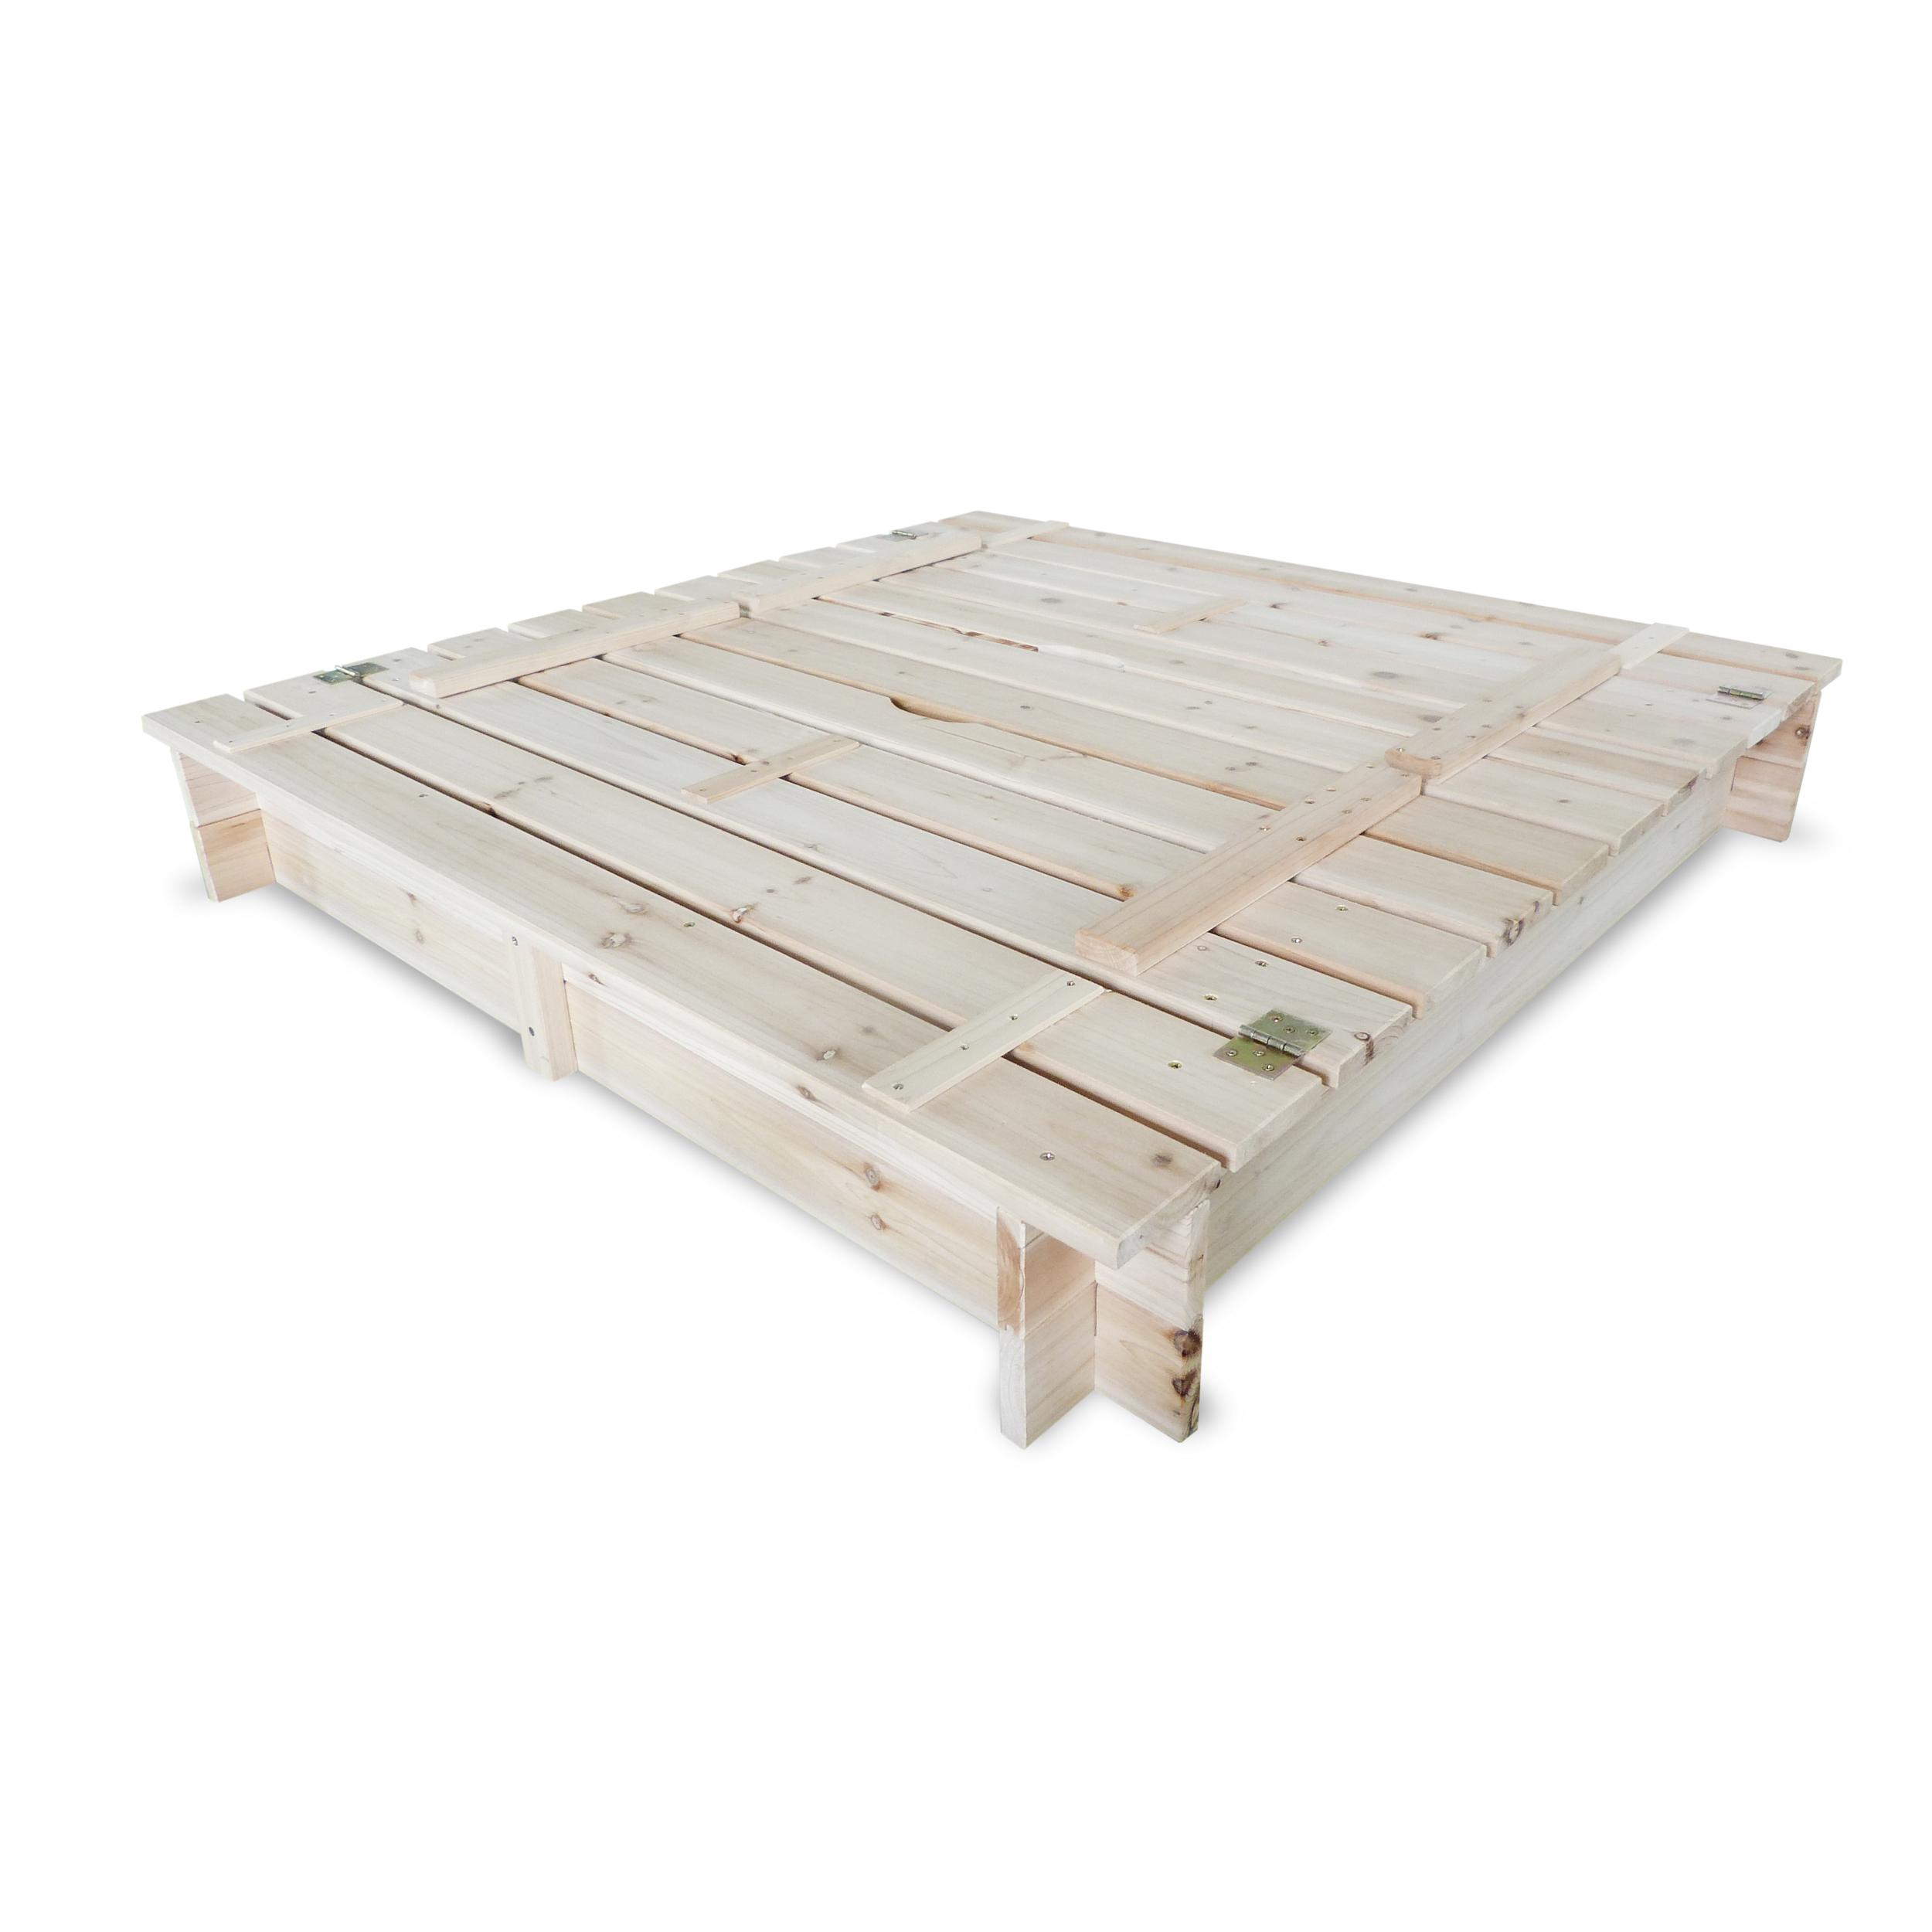 HABAU Sandkasten mit Deckel - geschlossen - 3022